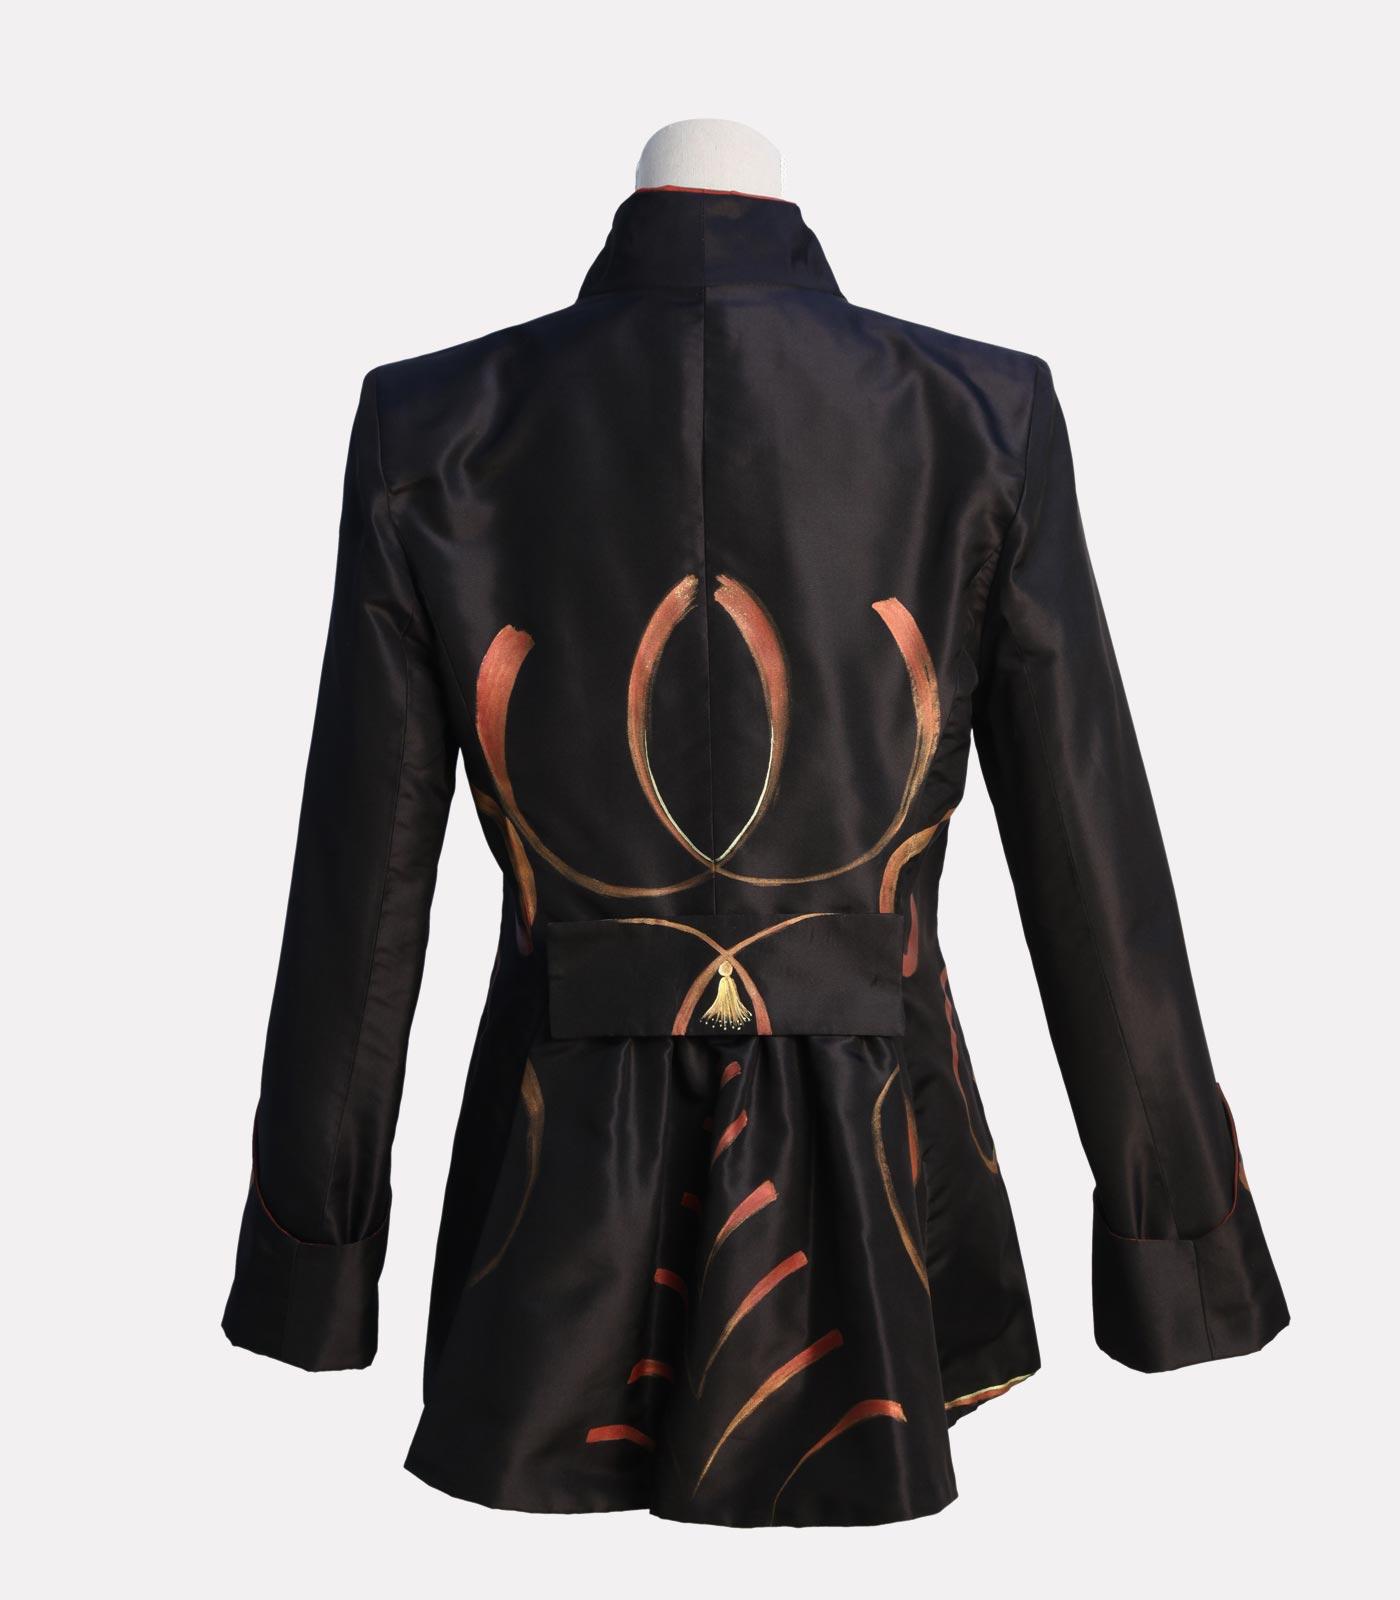 giacca elegante nera brillante